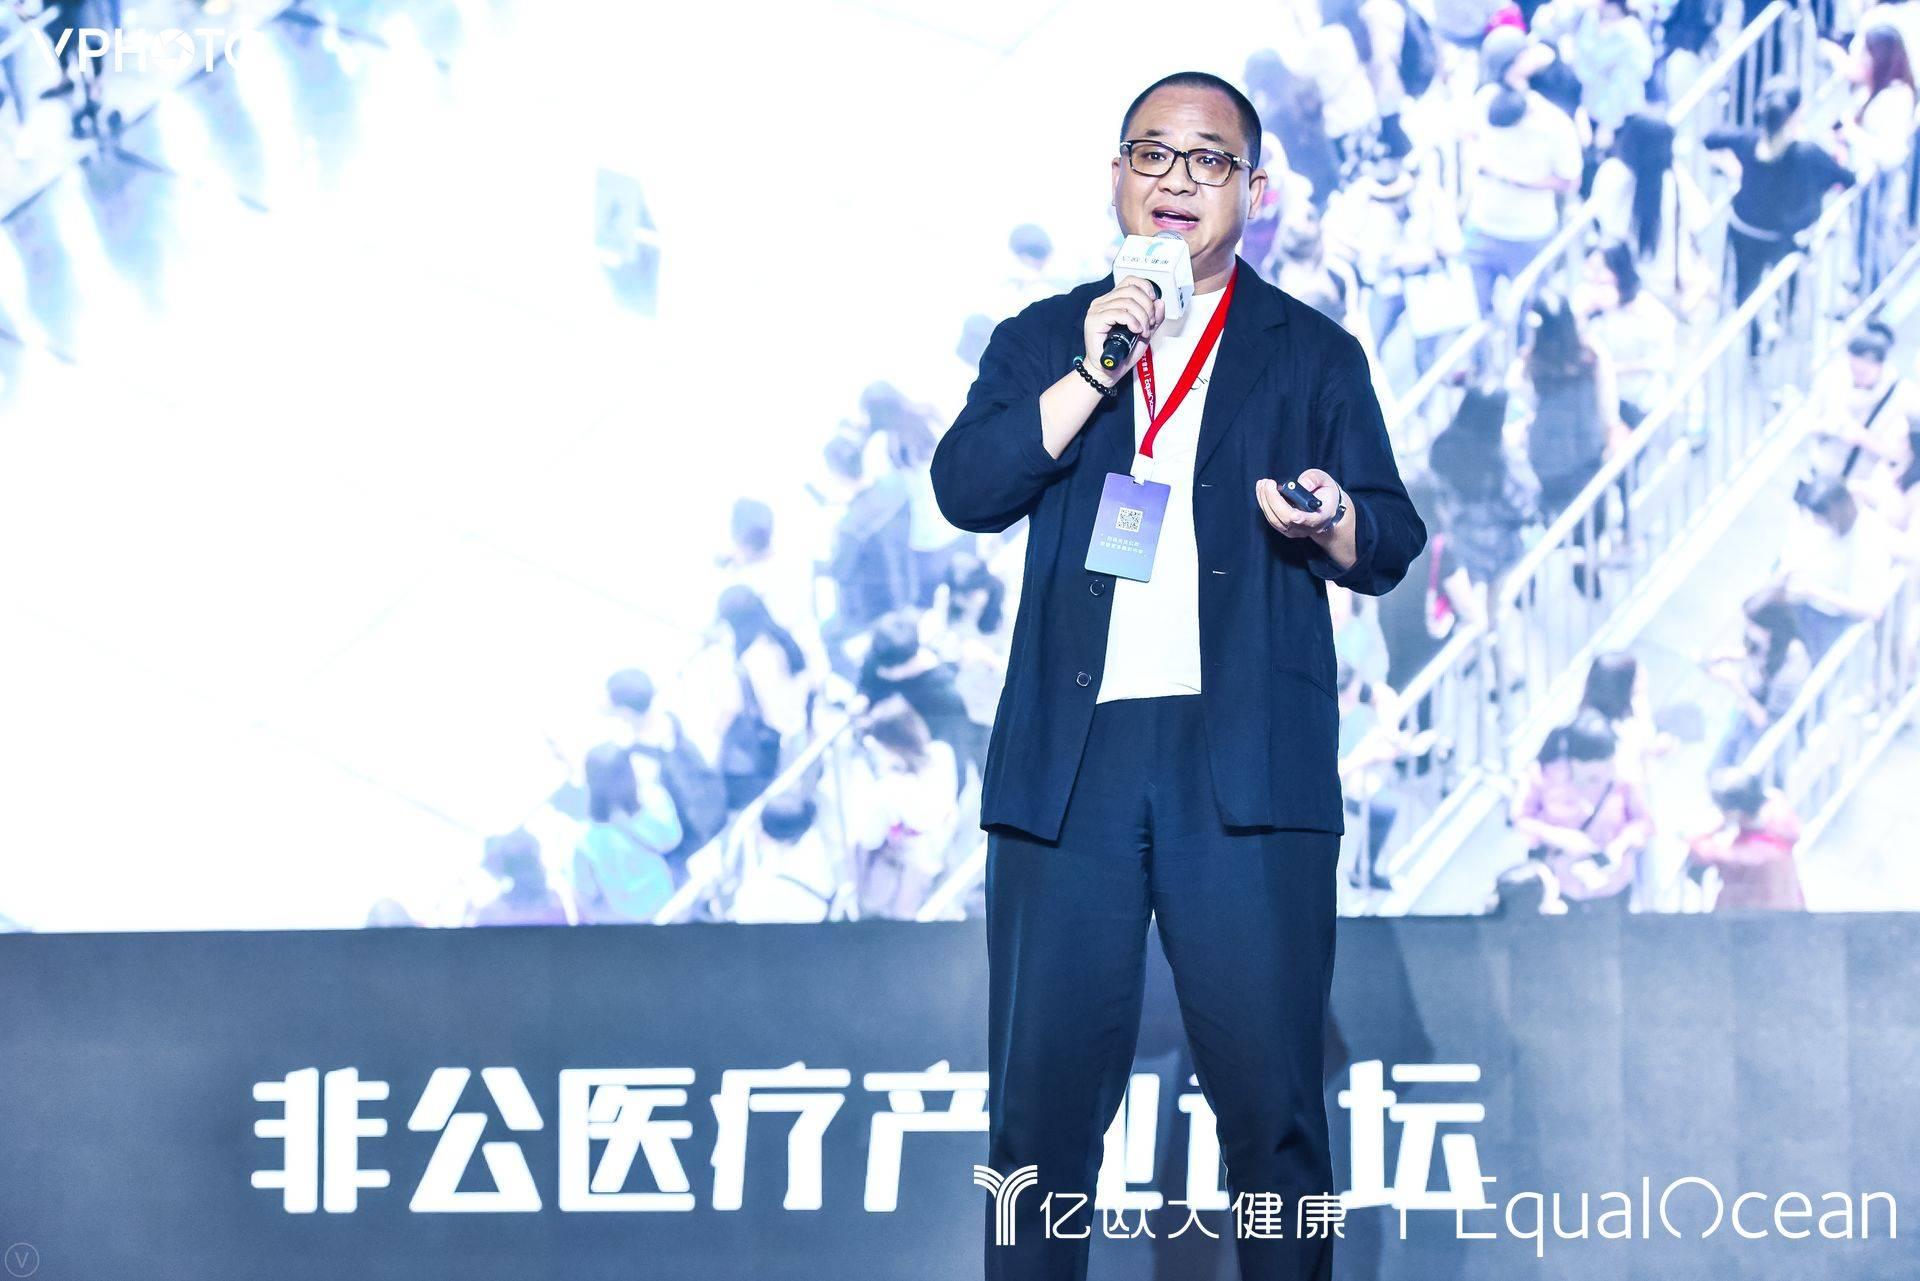 育学园CEO邵宗宗:创新服务模式探索母婴医疗大健康